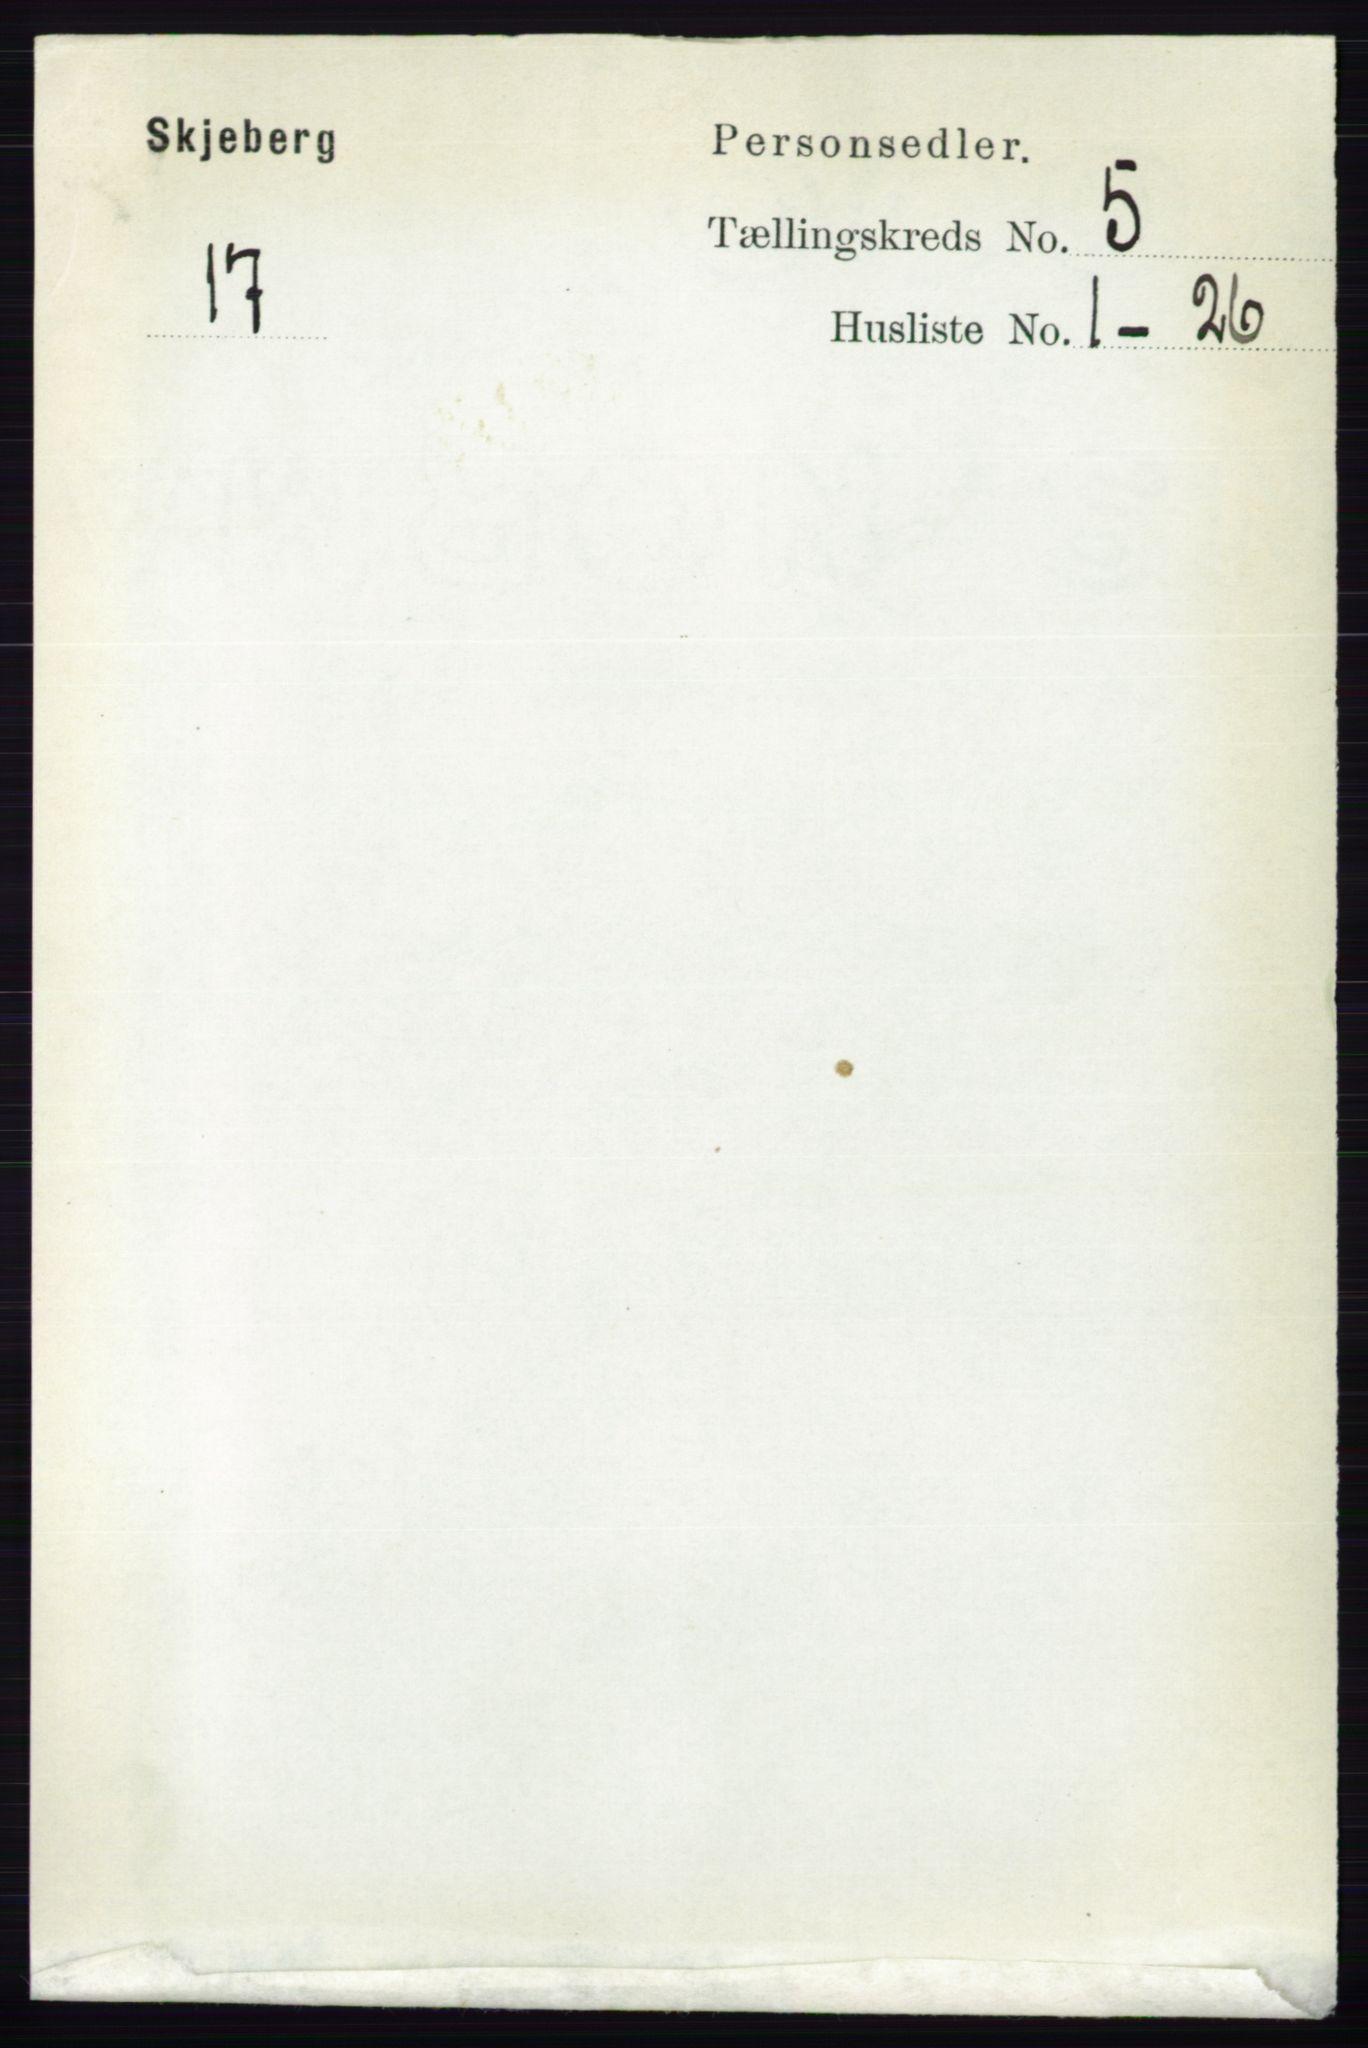 RA, Folketelling 1891 for 0115 Skjeberg herred, 1891, s. 2275